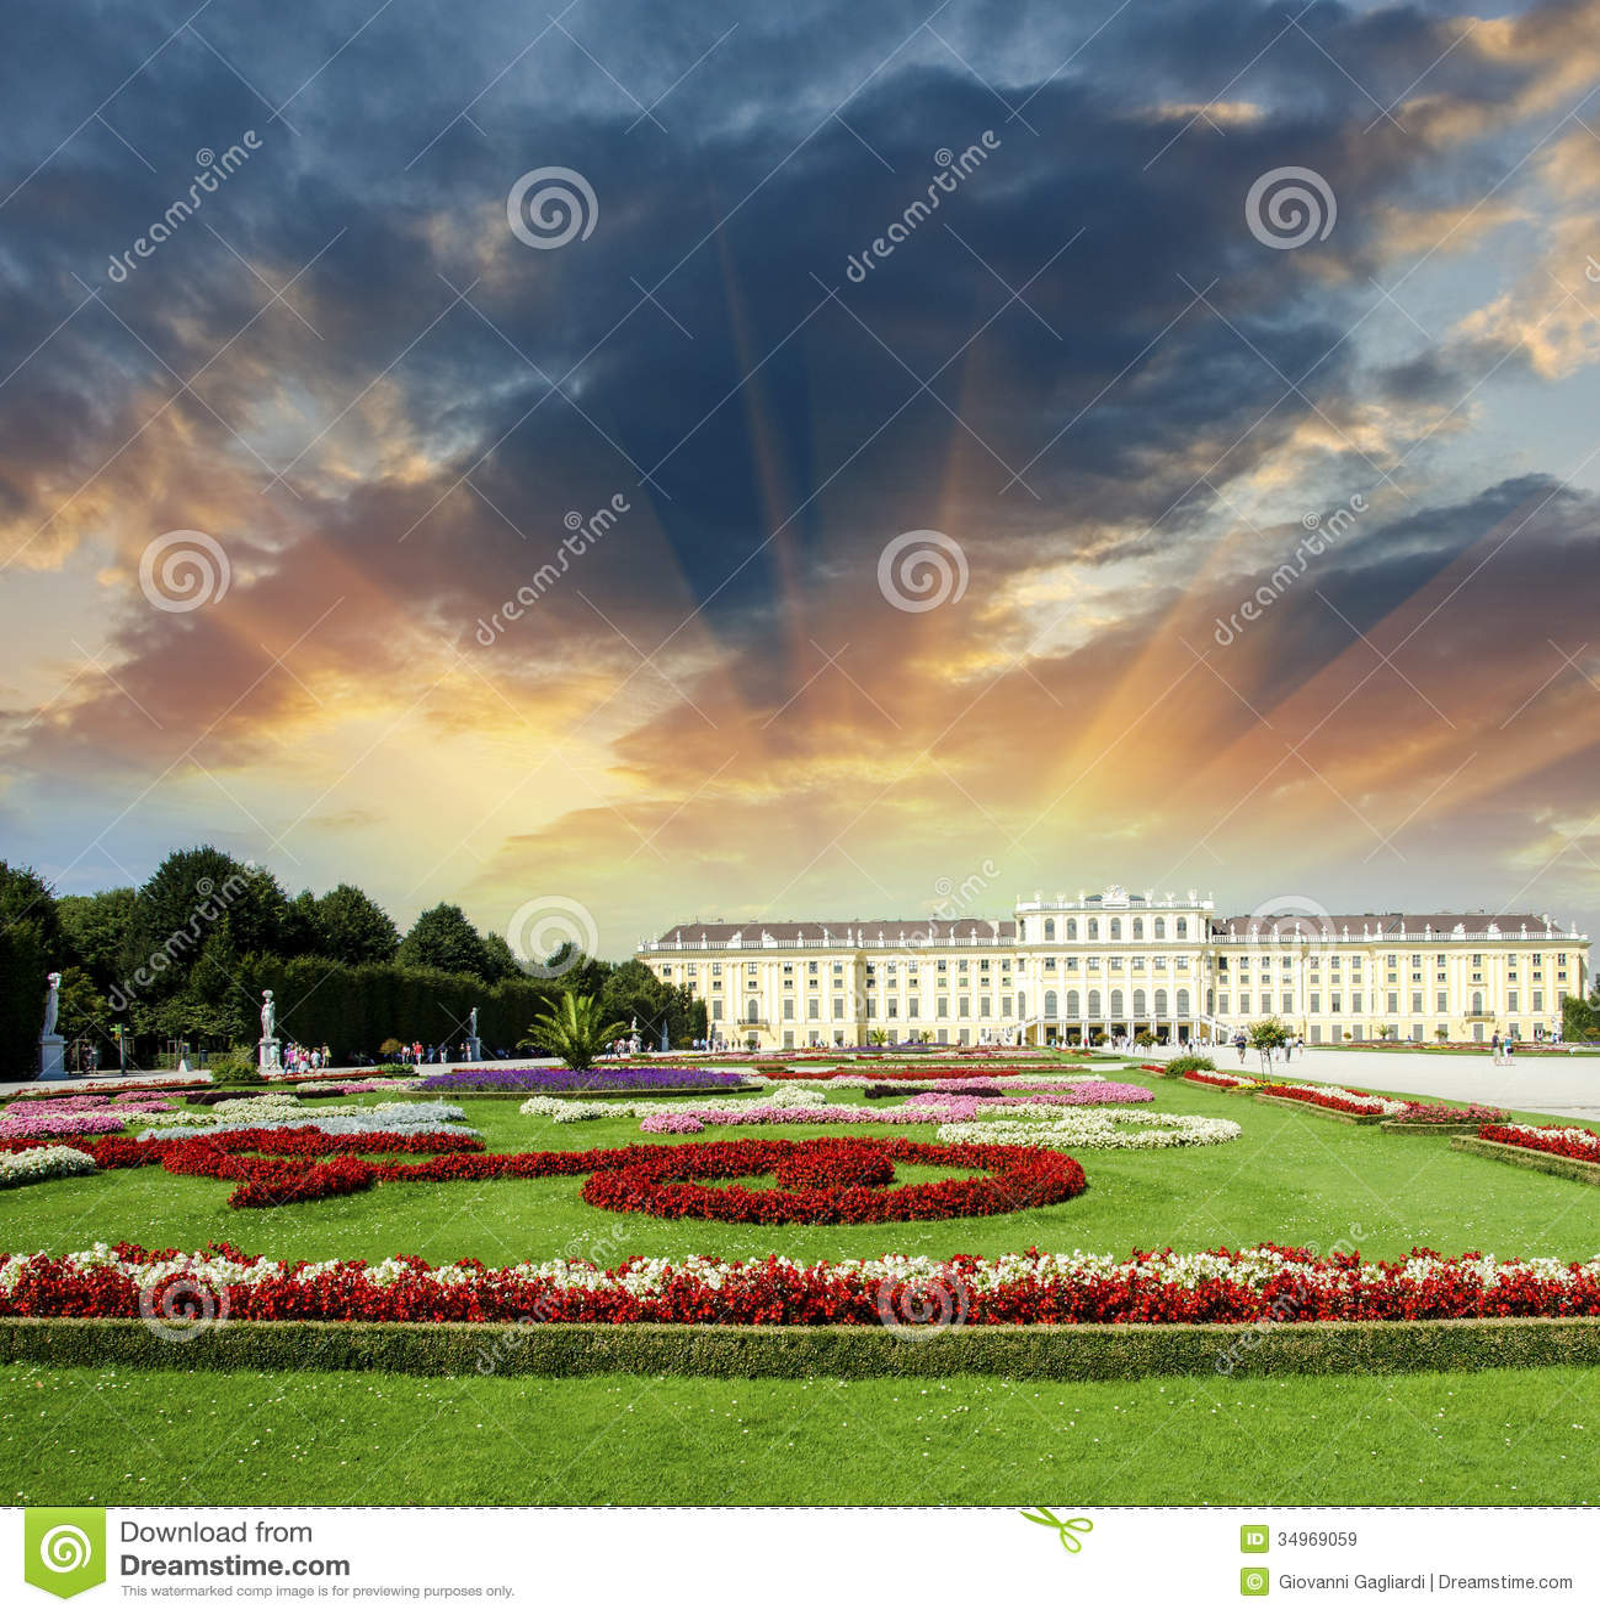 Giardini meravigliosi del castello di schonbrunn a vienna for Giardini meravigliosi